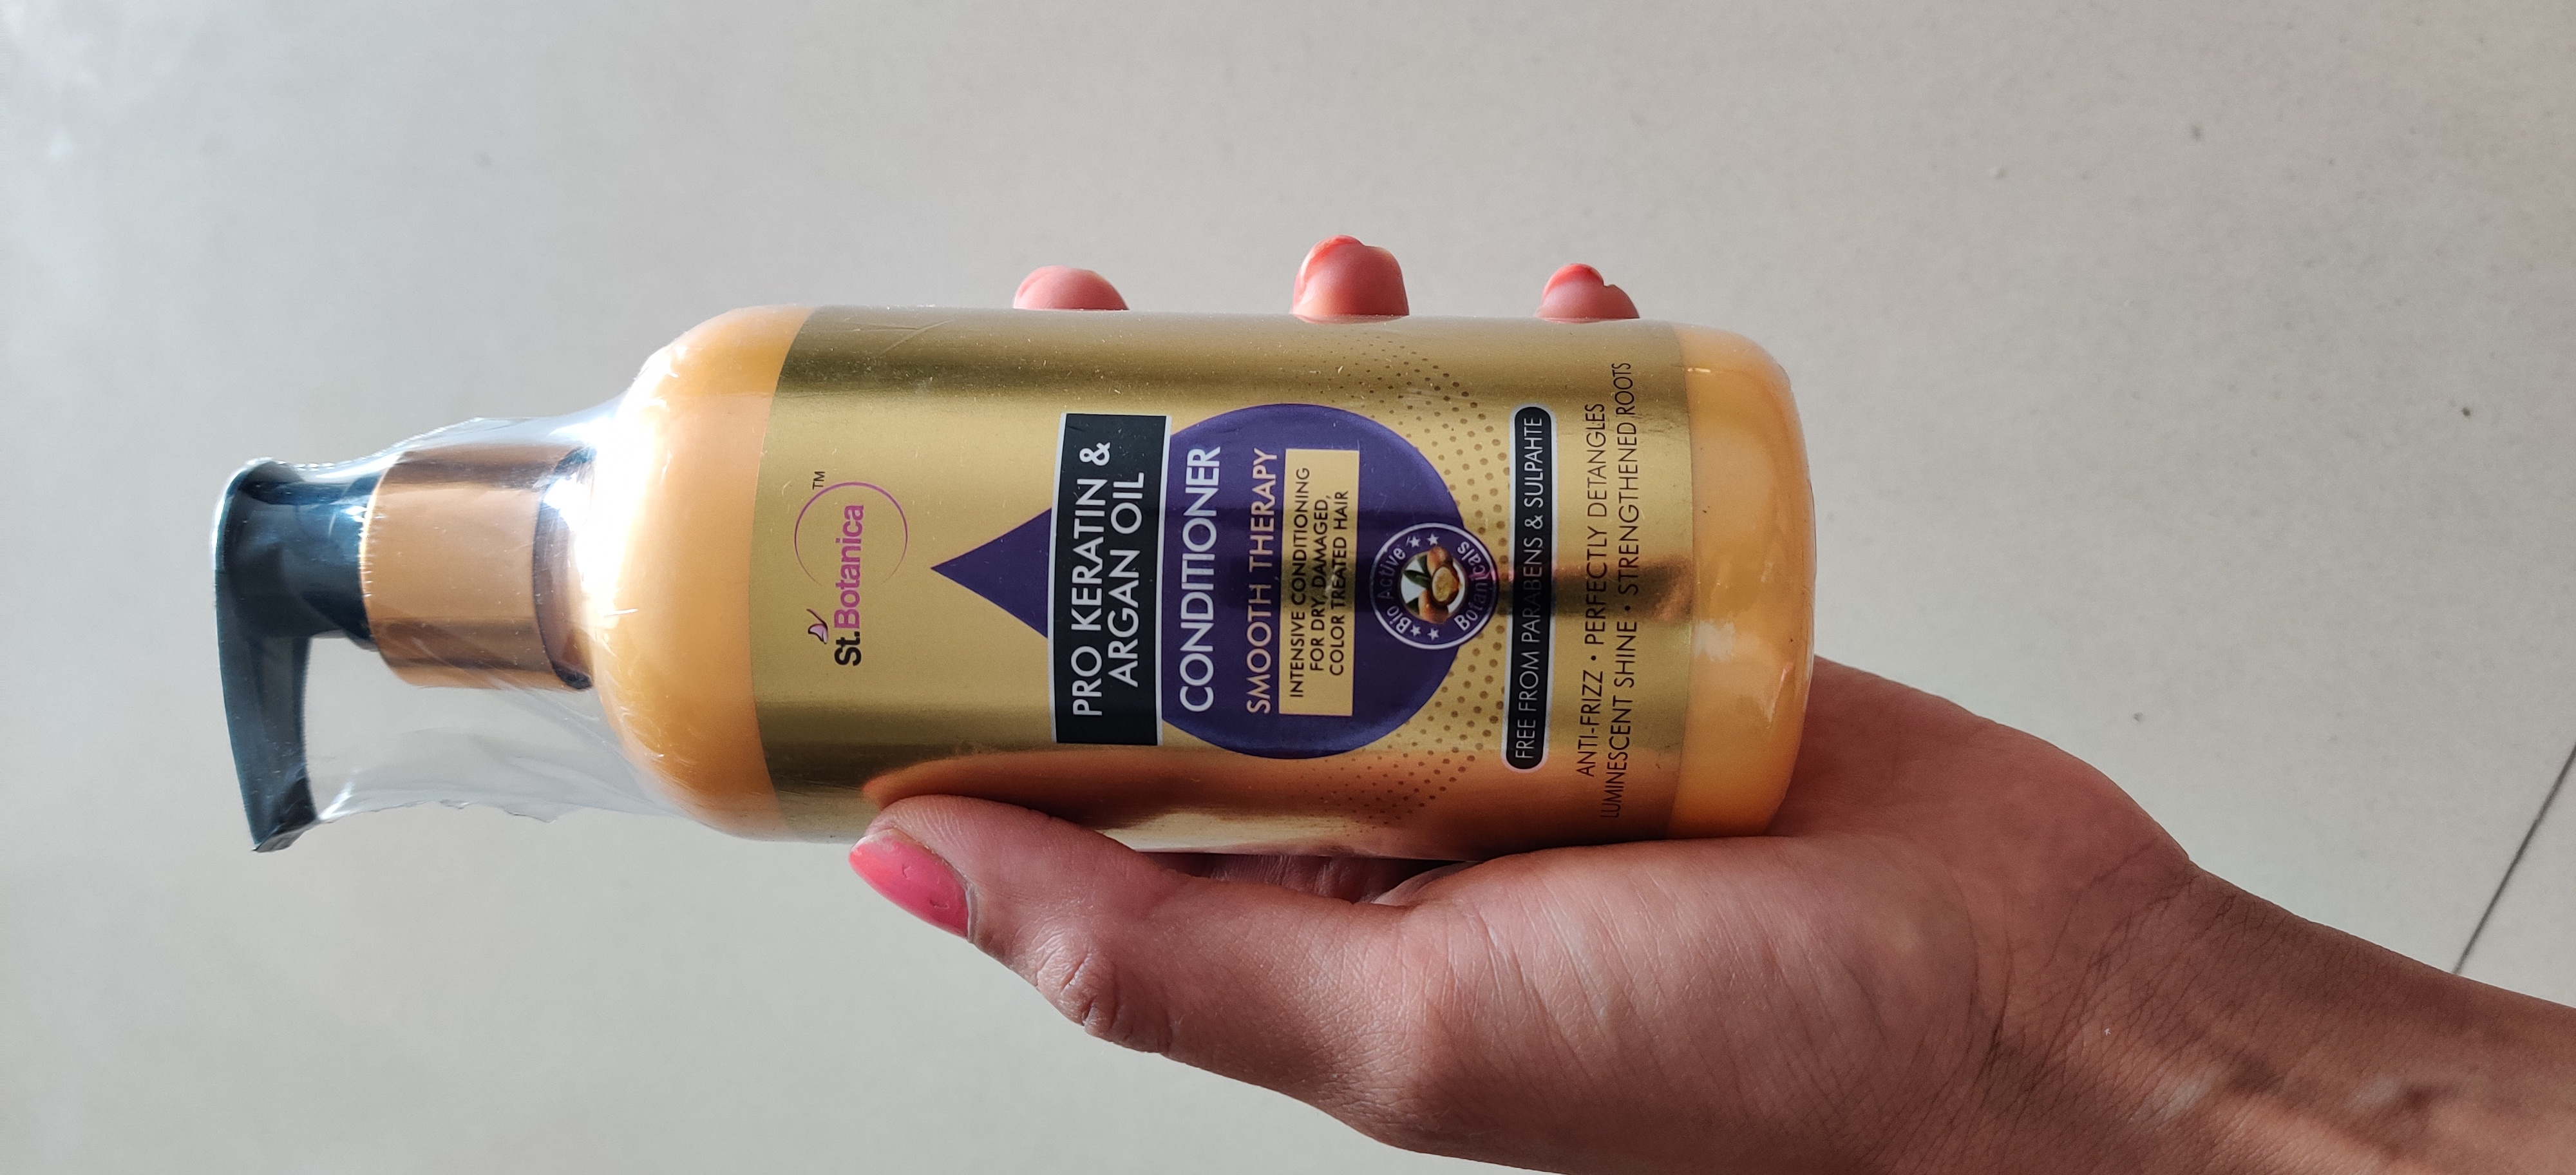 StBotanica Pro Keratin & Argan Oil Conditioner -Good for untamed hairs-By meghanka_parihar